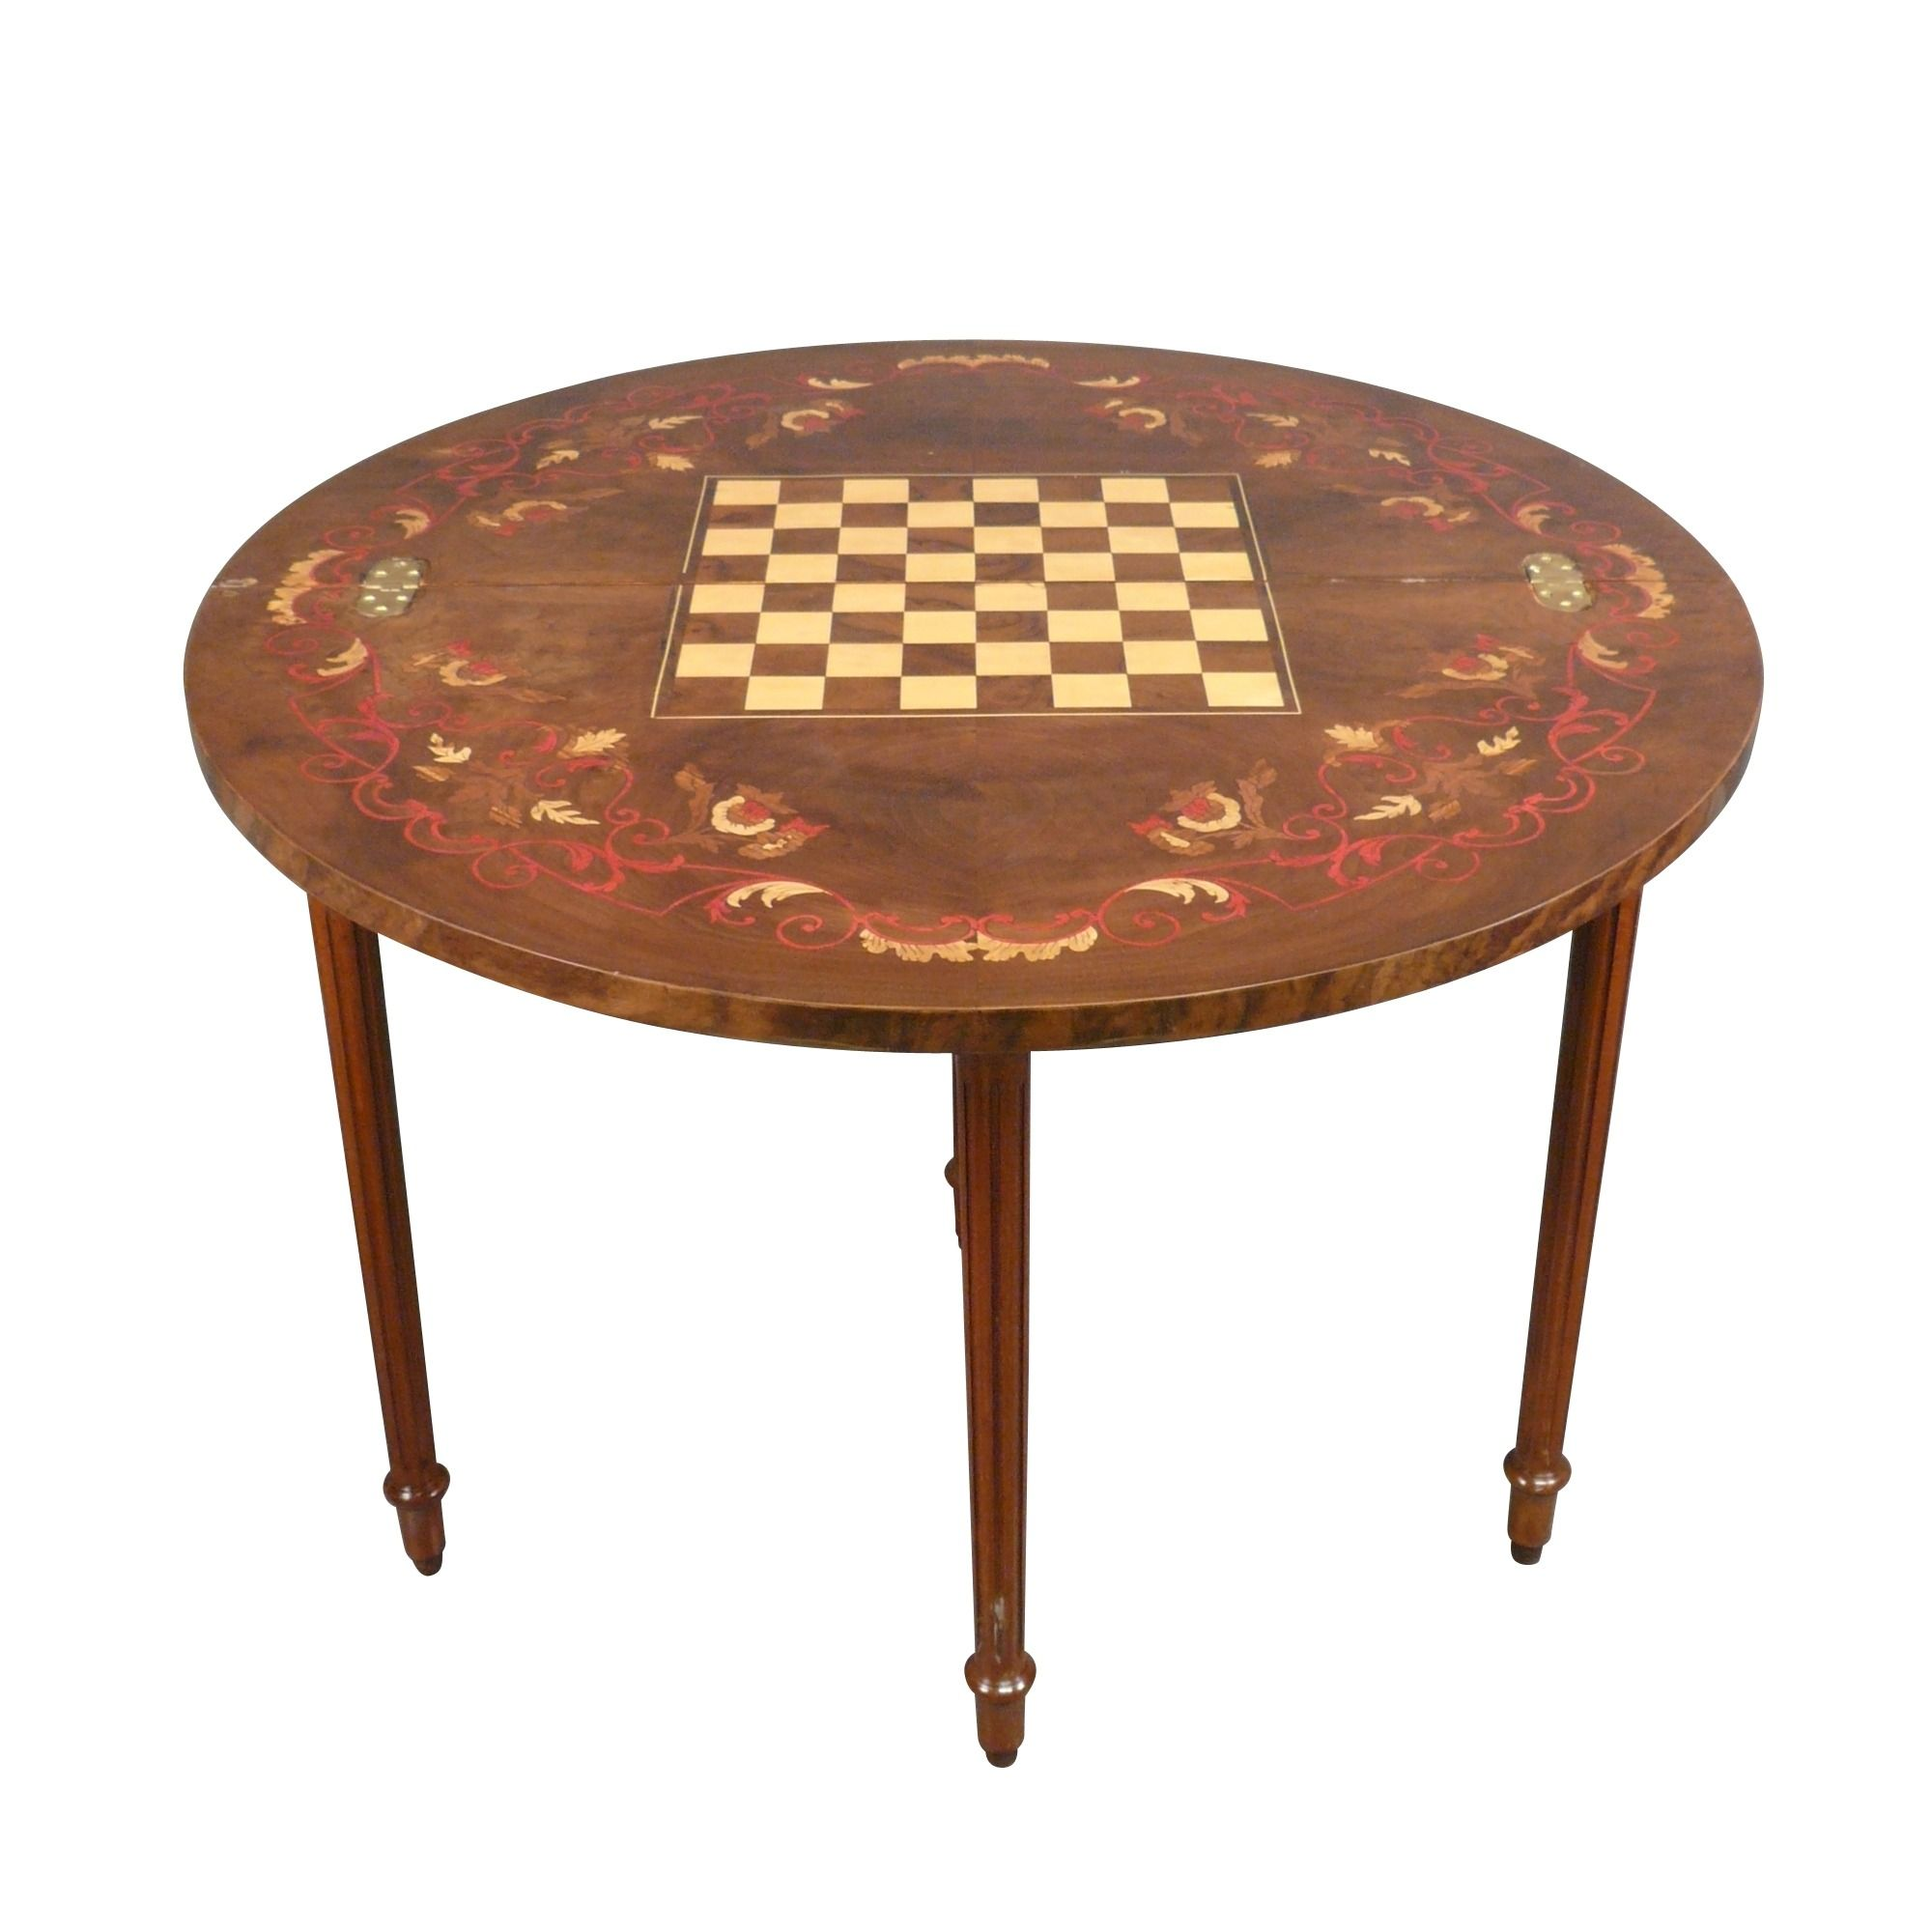 Table De Jeux D Echecs Demi Lune Louis Xvi Table Meubles De Style Table De Jeux Mobilier De Salon Meuble De Style